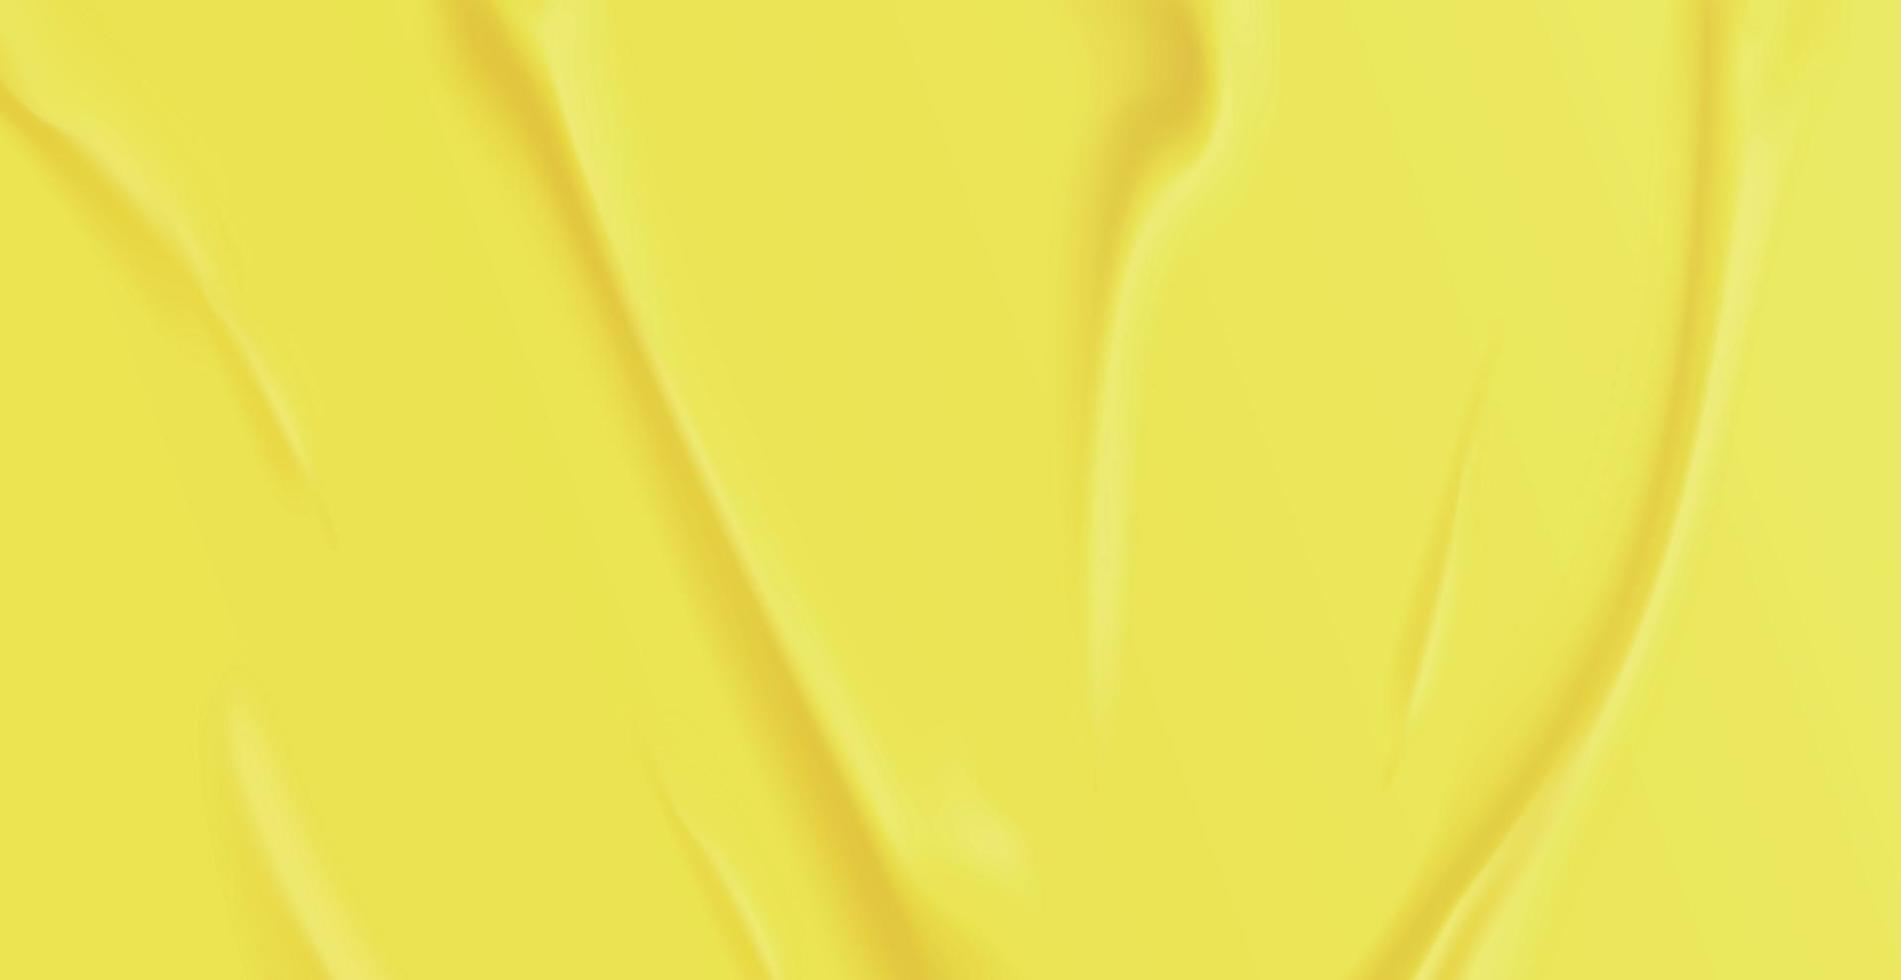 realistische verfrommelde gele achtergrondstructuur, plooien - vector